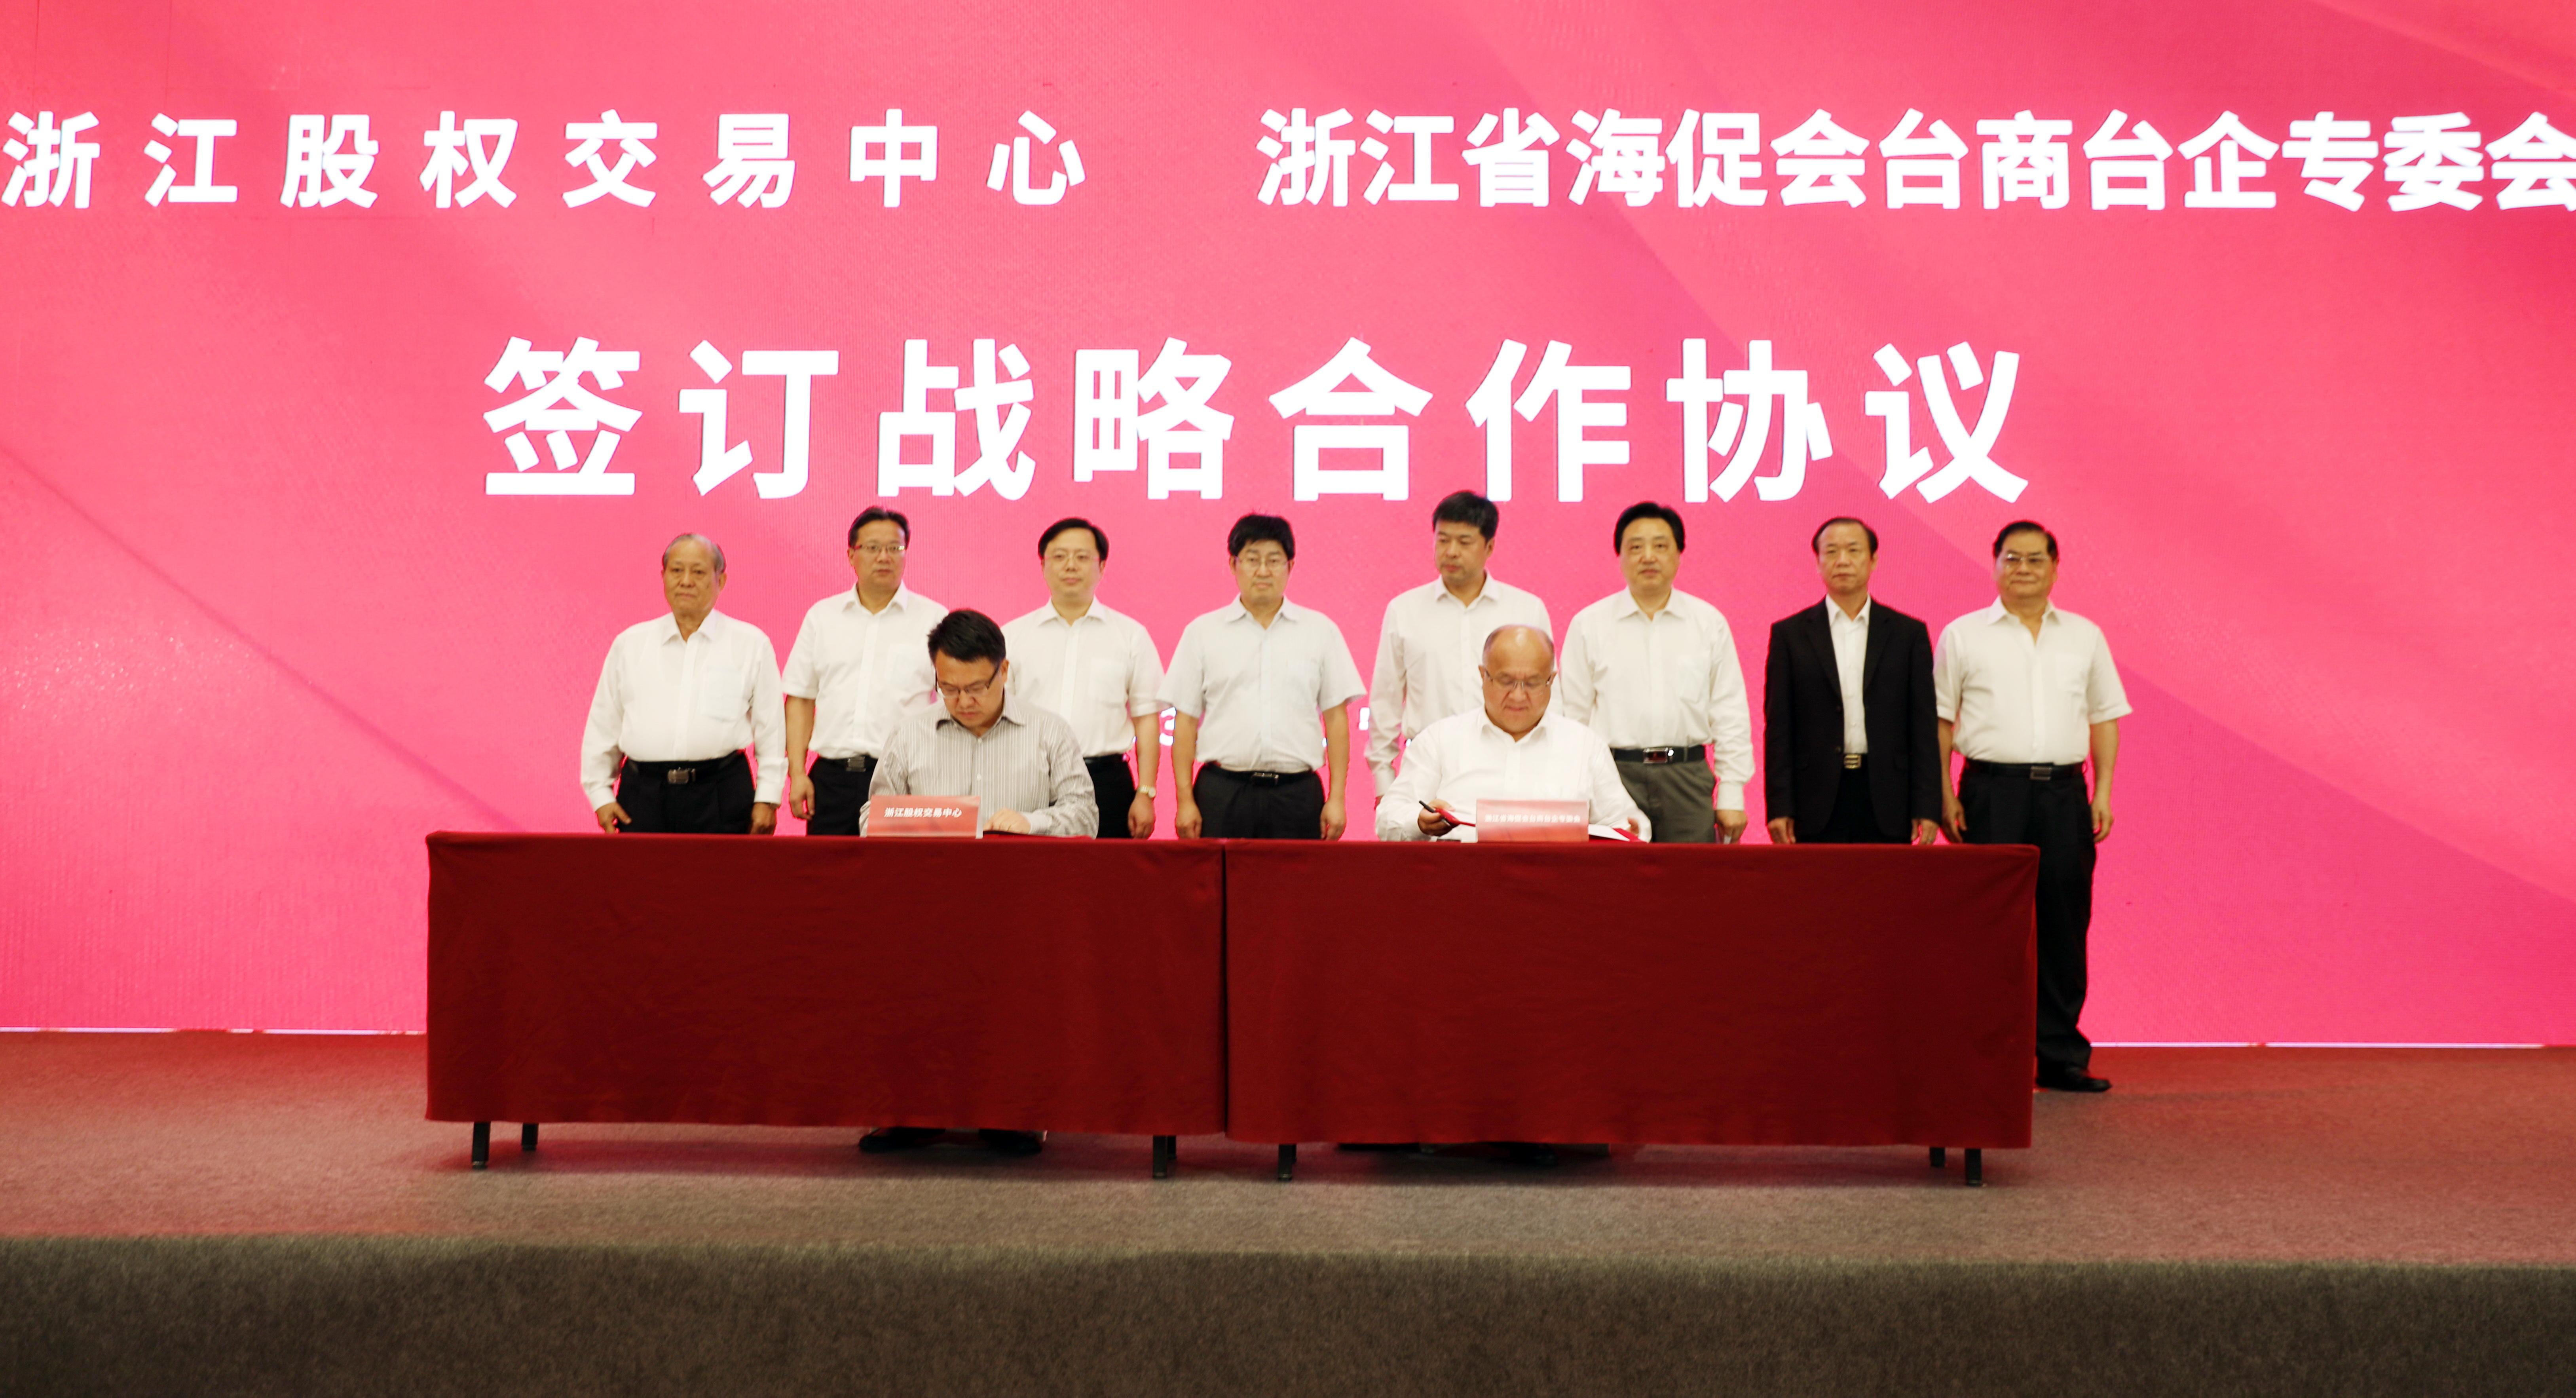 12省海促会台商台企专委会与浙江股权交易中心签订意向协议.JPG